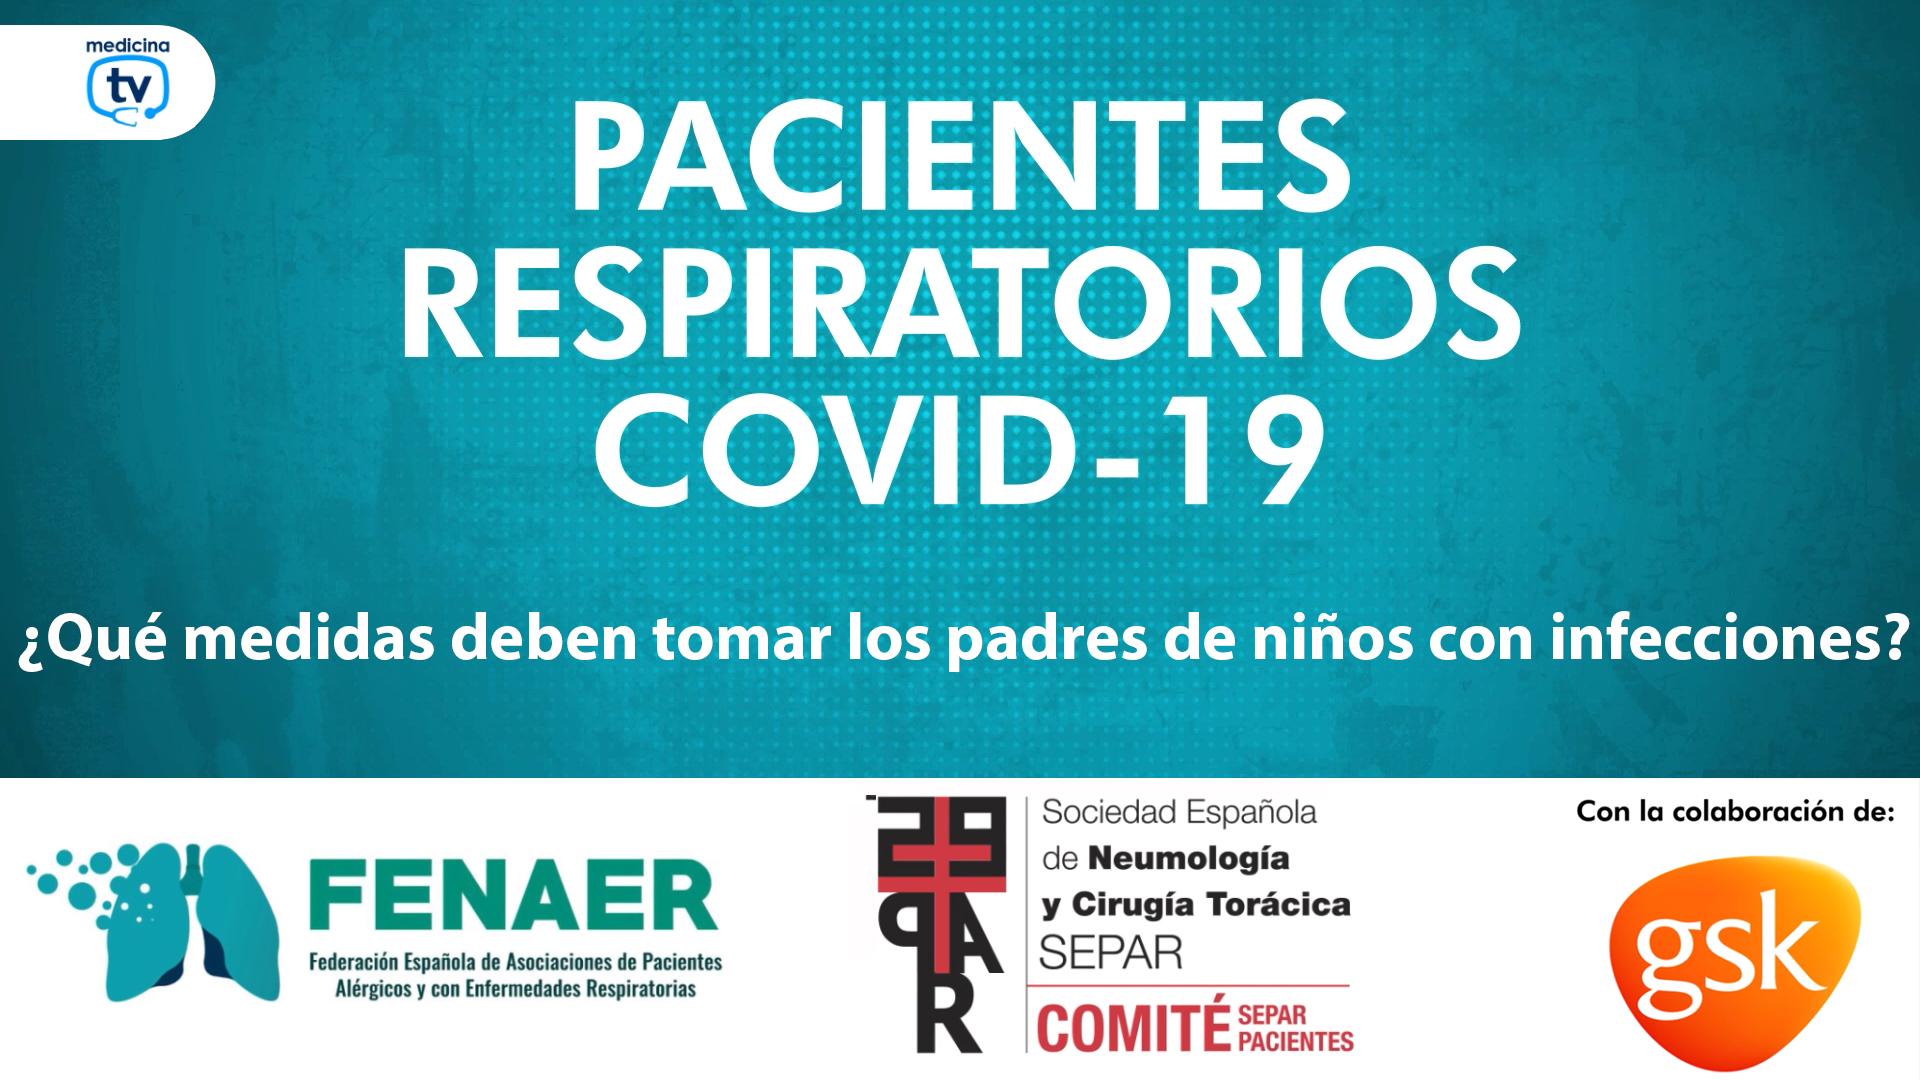 Los niños con patologías respiratorias recurrentes deben seguir las medidas preventivas generales indicadas por las autoridades sanitarias